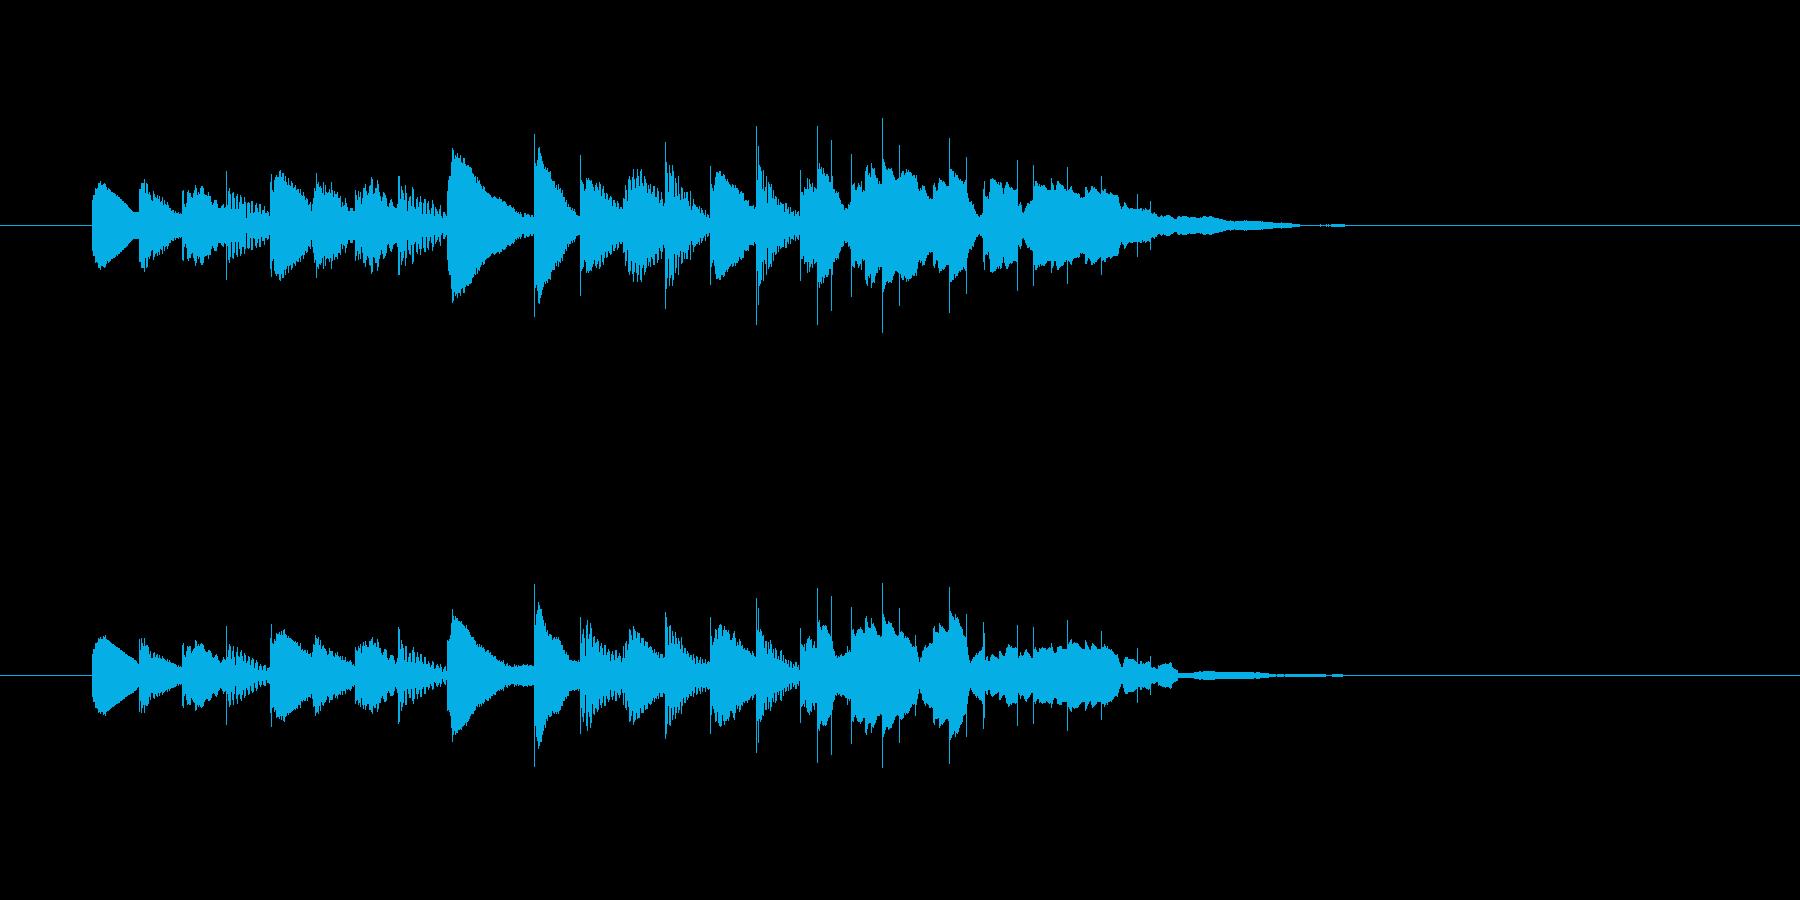 ピポパポン・・(明るく楽しい木琴音)の再生済みの波形